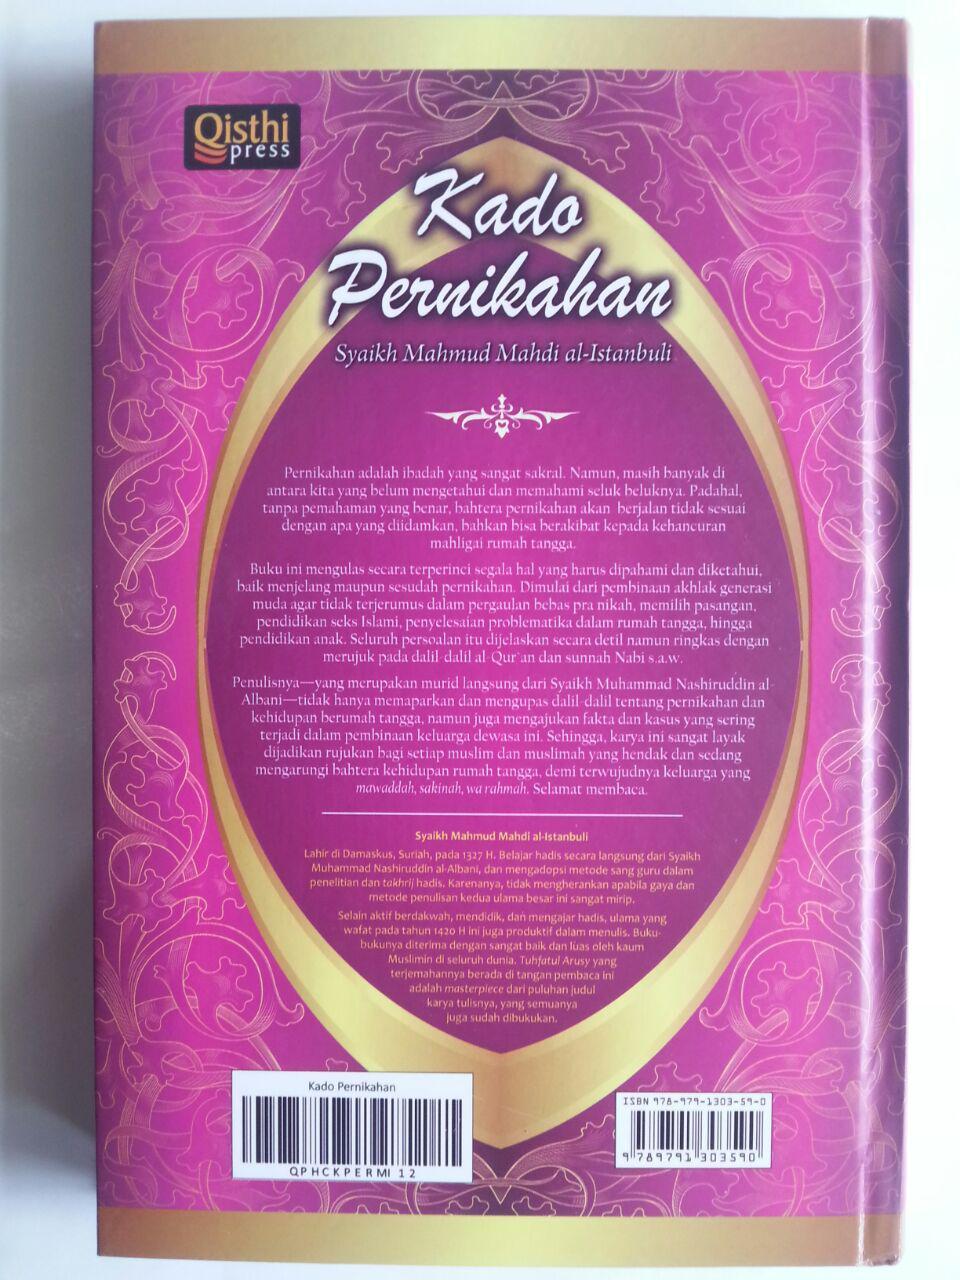 Buku Kado Perkawinan Tuntunan Mempersiapkan Pernikahan Islami cover